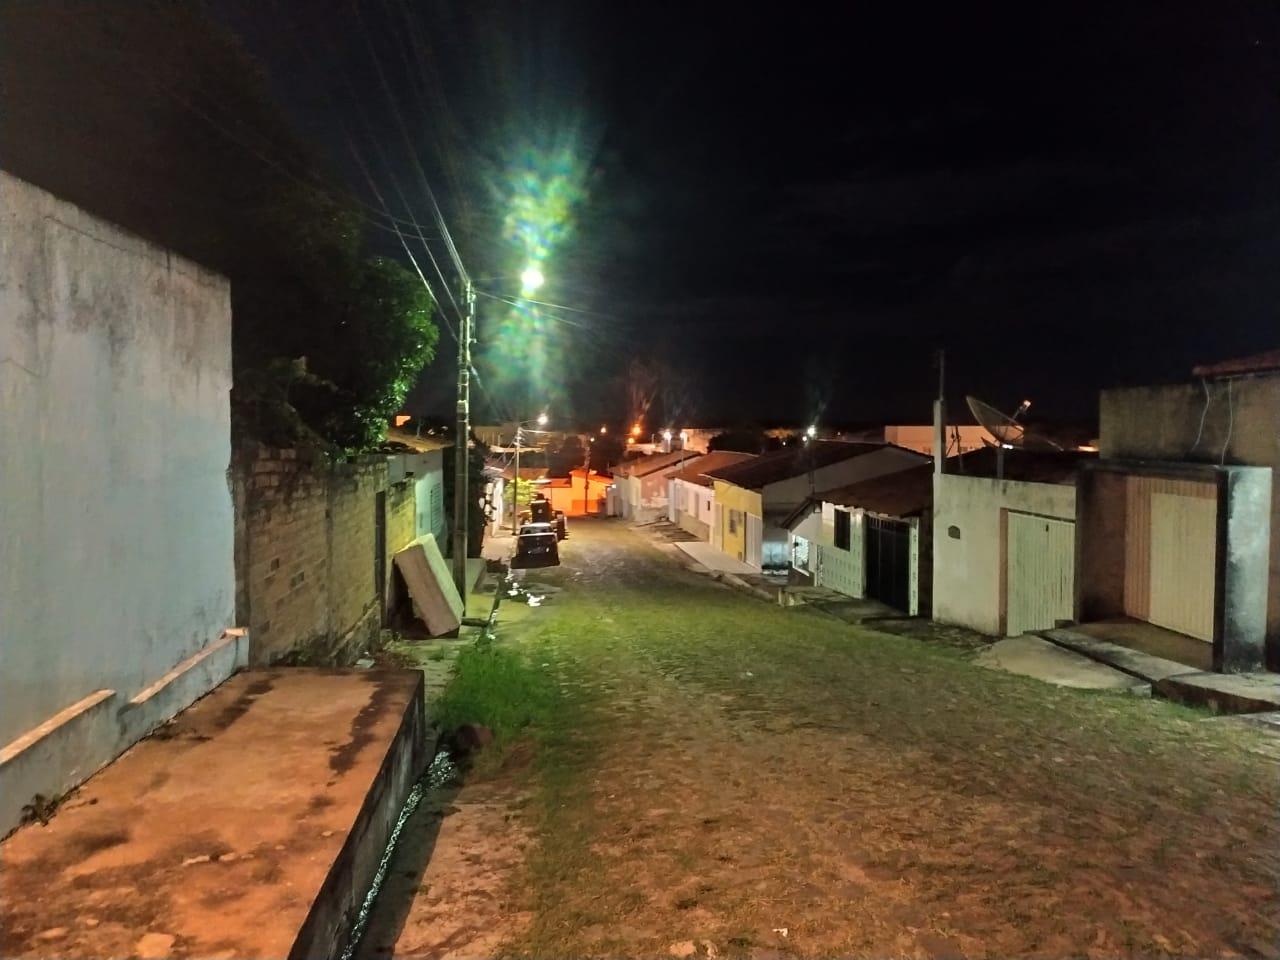 Dupla de bandidos assaltaram dois jovens no centro de Esperantina